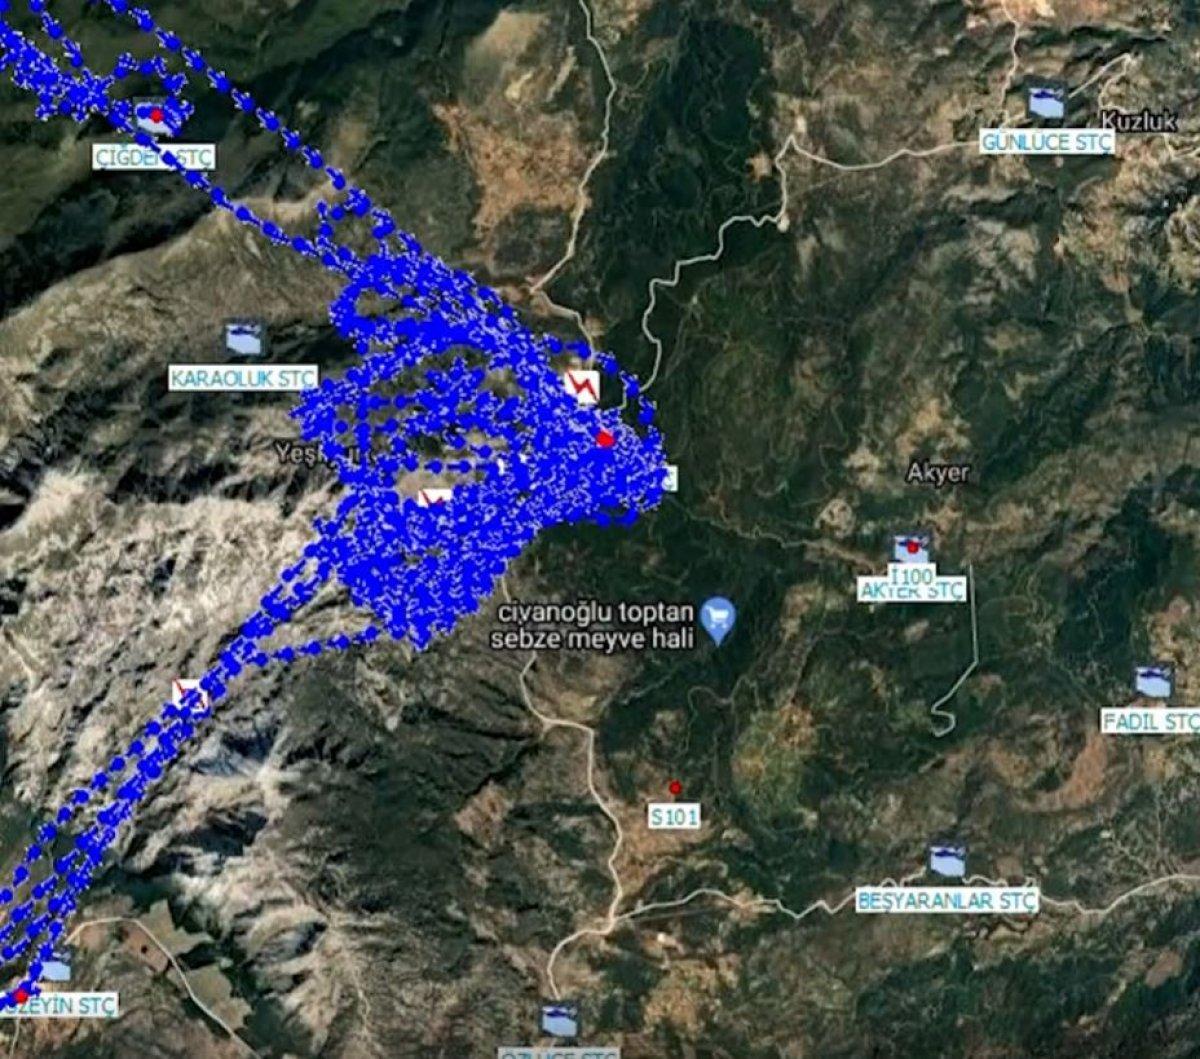 Yangın söndürme helikopterlerinin alevlere müdahalesini gösteren harita #2